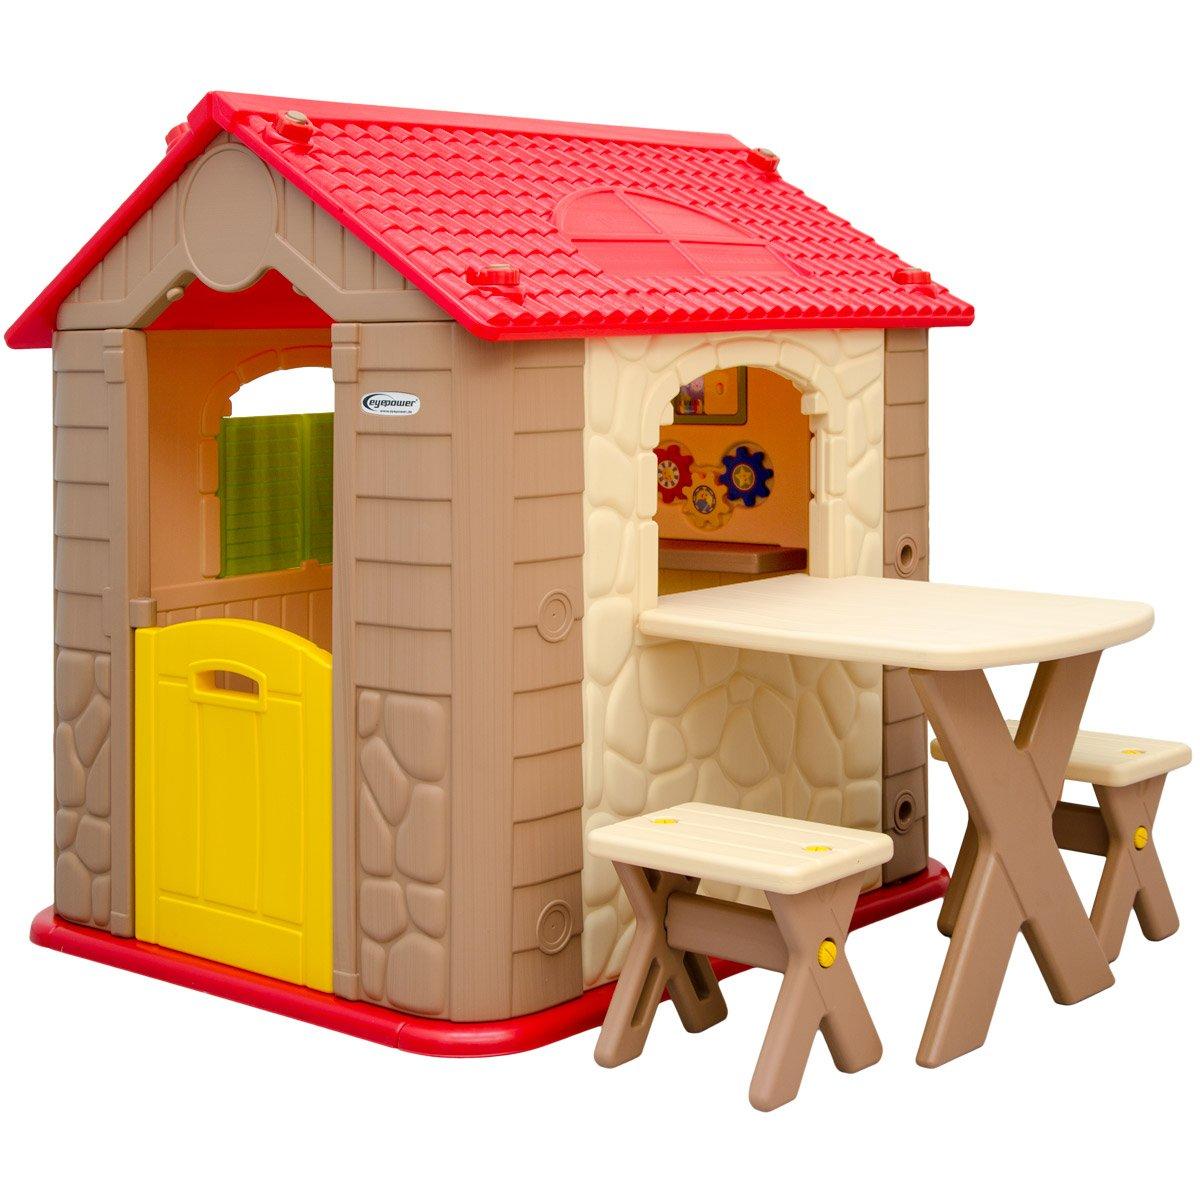 eyepower Kinderspielhaus mit Tisch und 2 Bänken Spielhaus aus Kunststoff für Jungen und Mädchen online bestellen